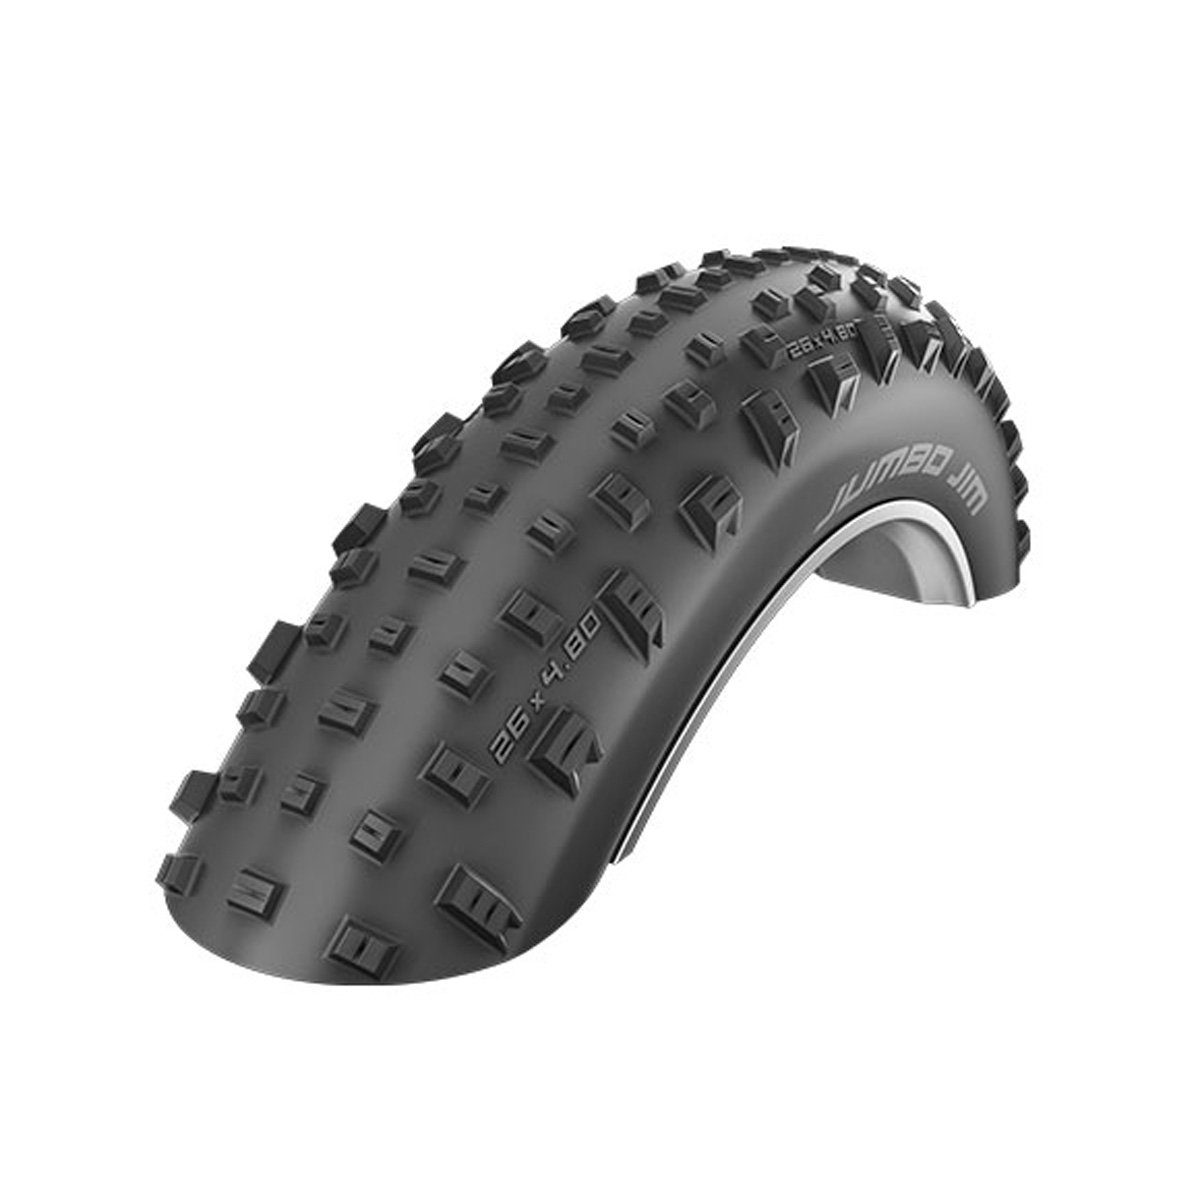 Schwalbe Fahrrad Reifen Jumbo Jim Evo PSC////alle Gr/ö/ßen